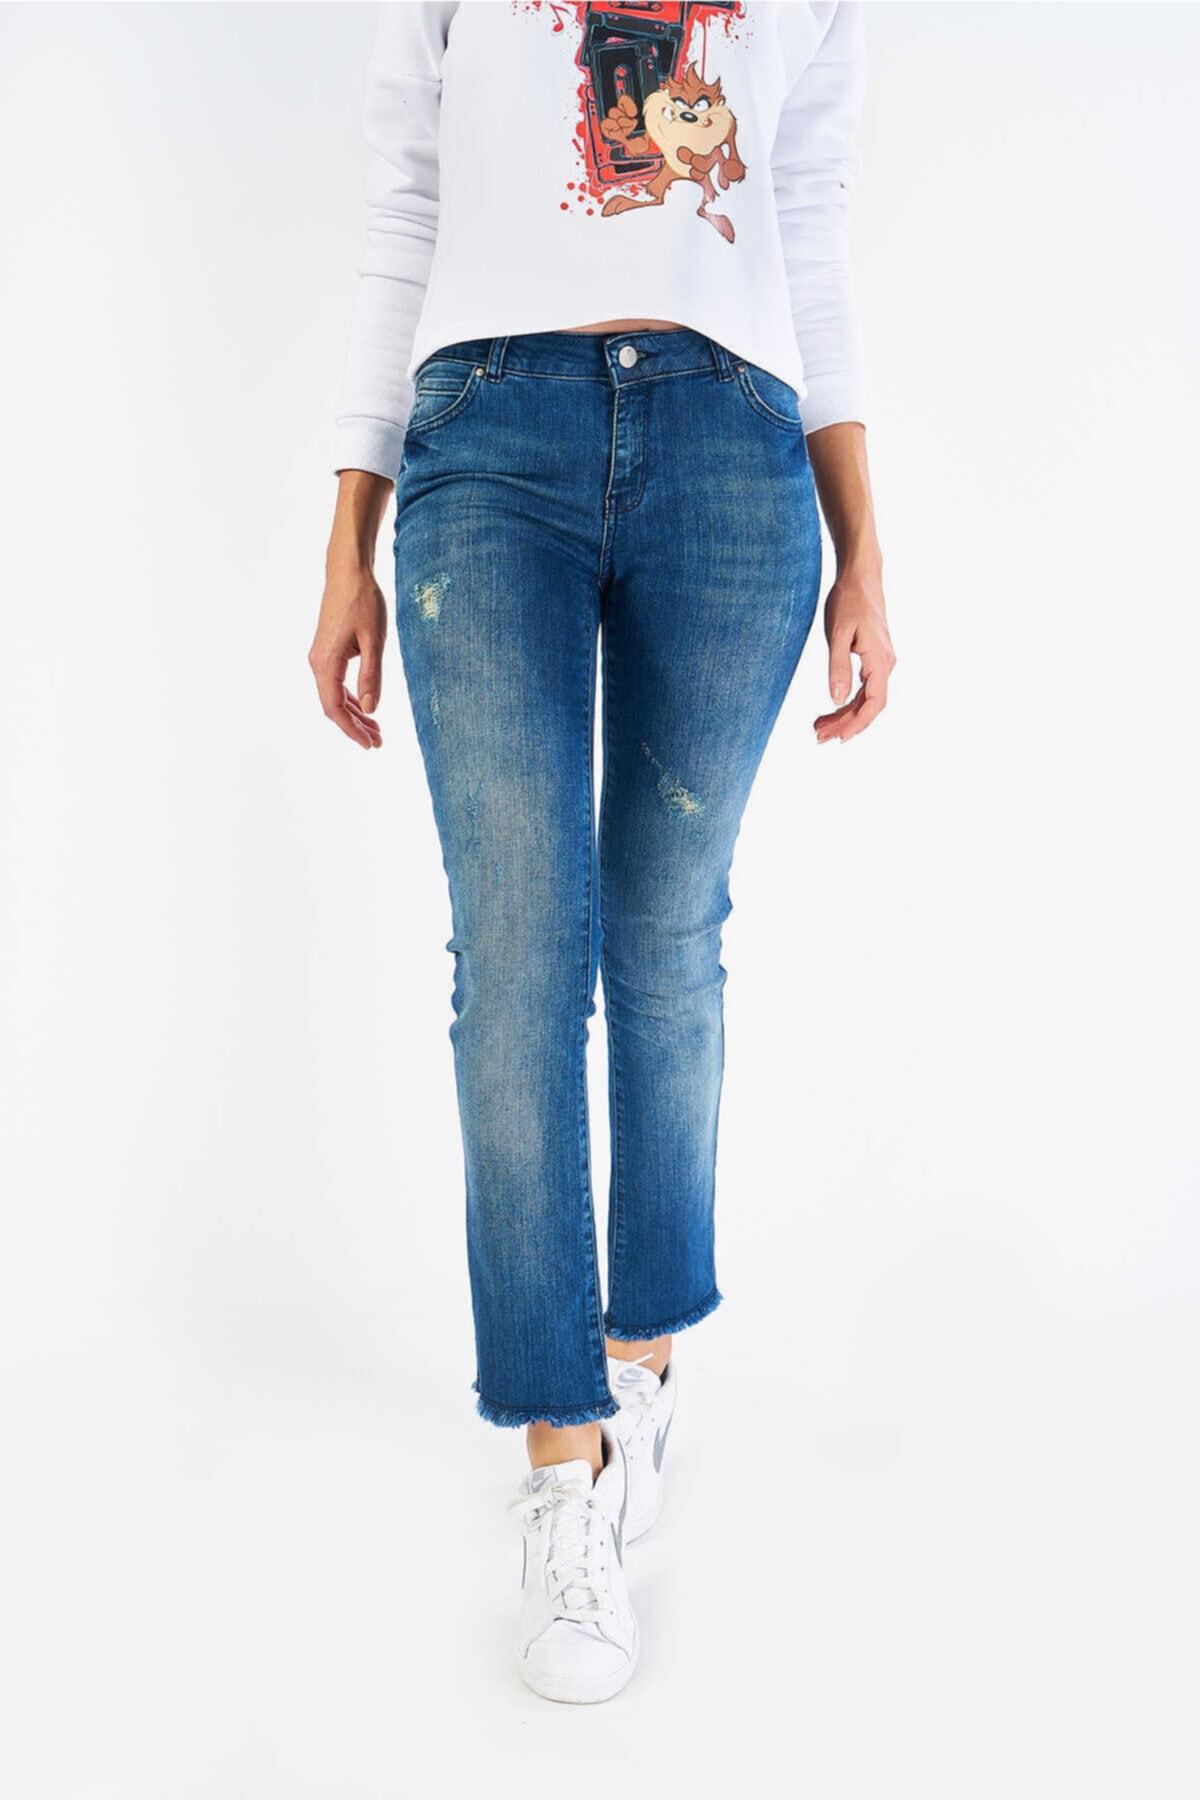 FINGER PRINT Kadın Mavi Denim Pantolon 2